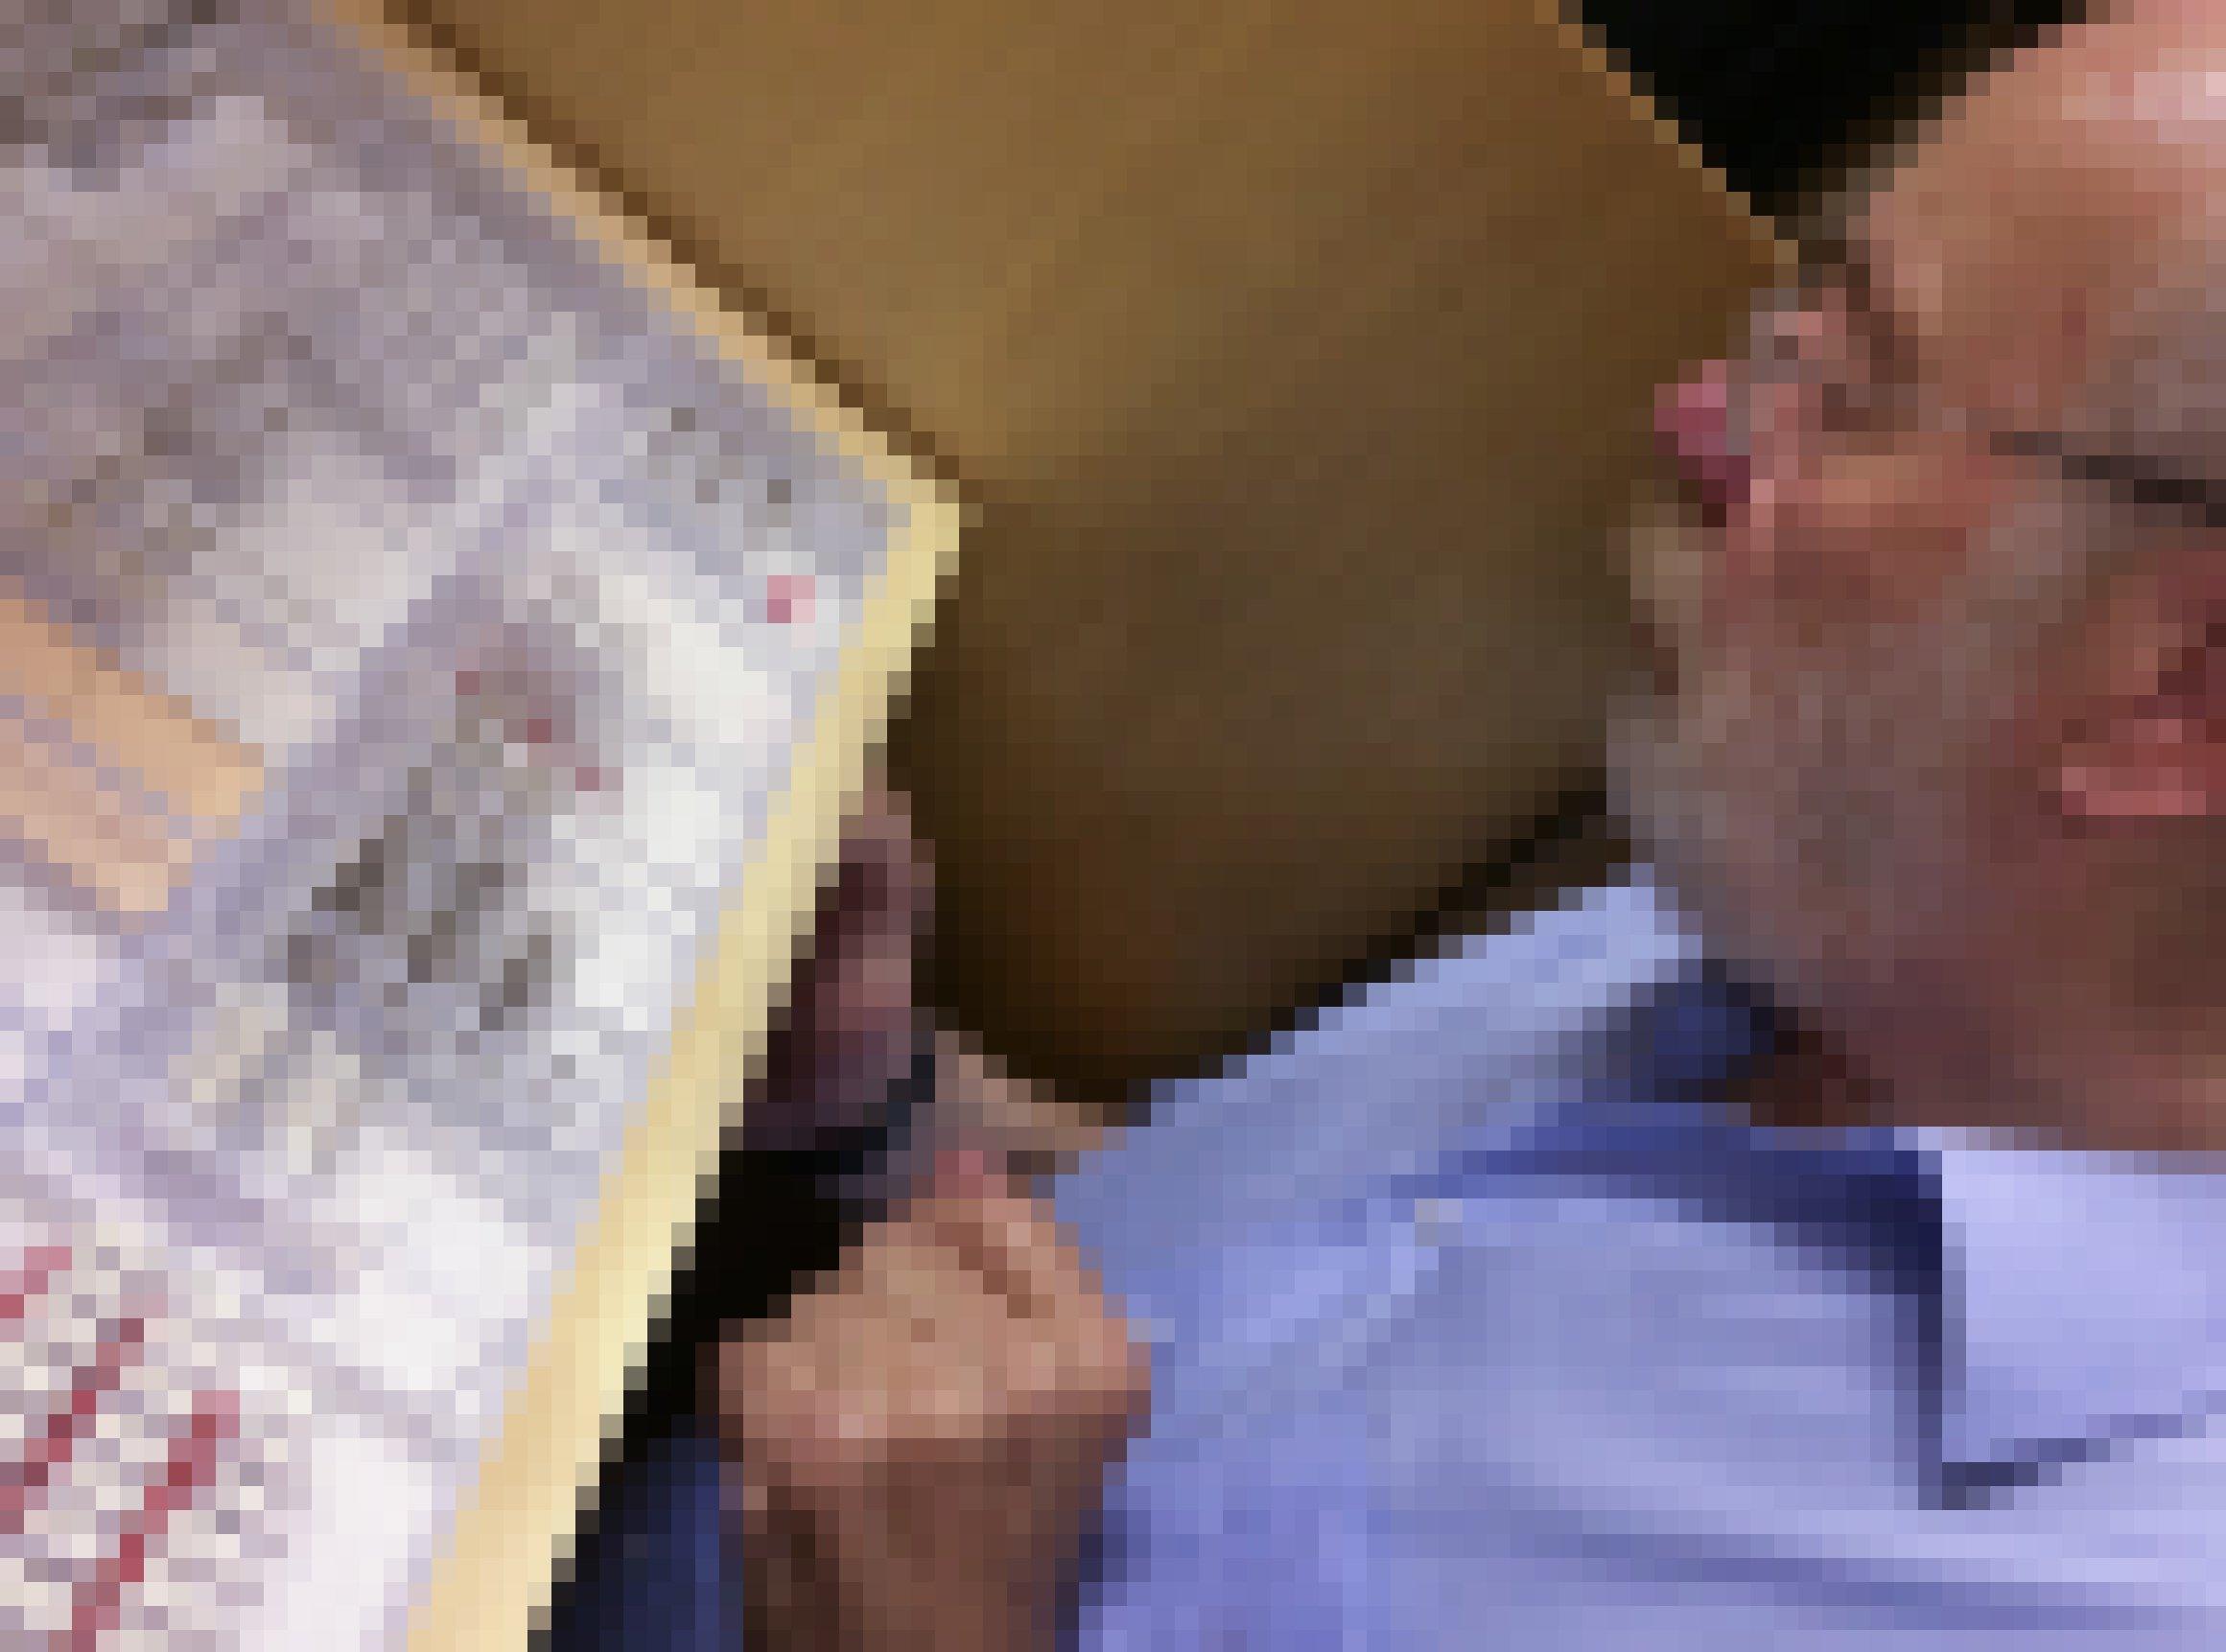 Ein Mann mit kurzen weißen Haaren und weißem Bart schaut sich einen Holzkasten mit durchsichtigem Deckel an, in dem Insekten aufgespießt sind.